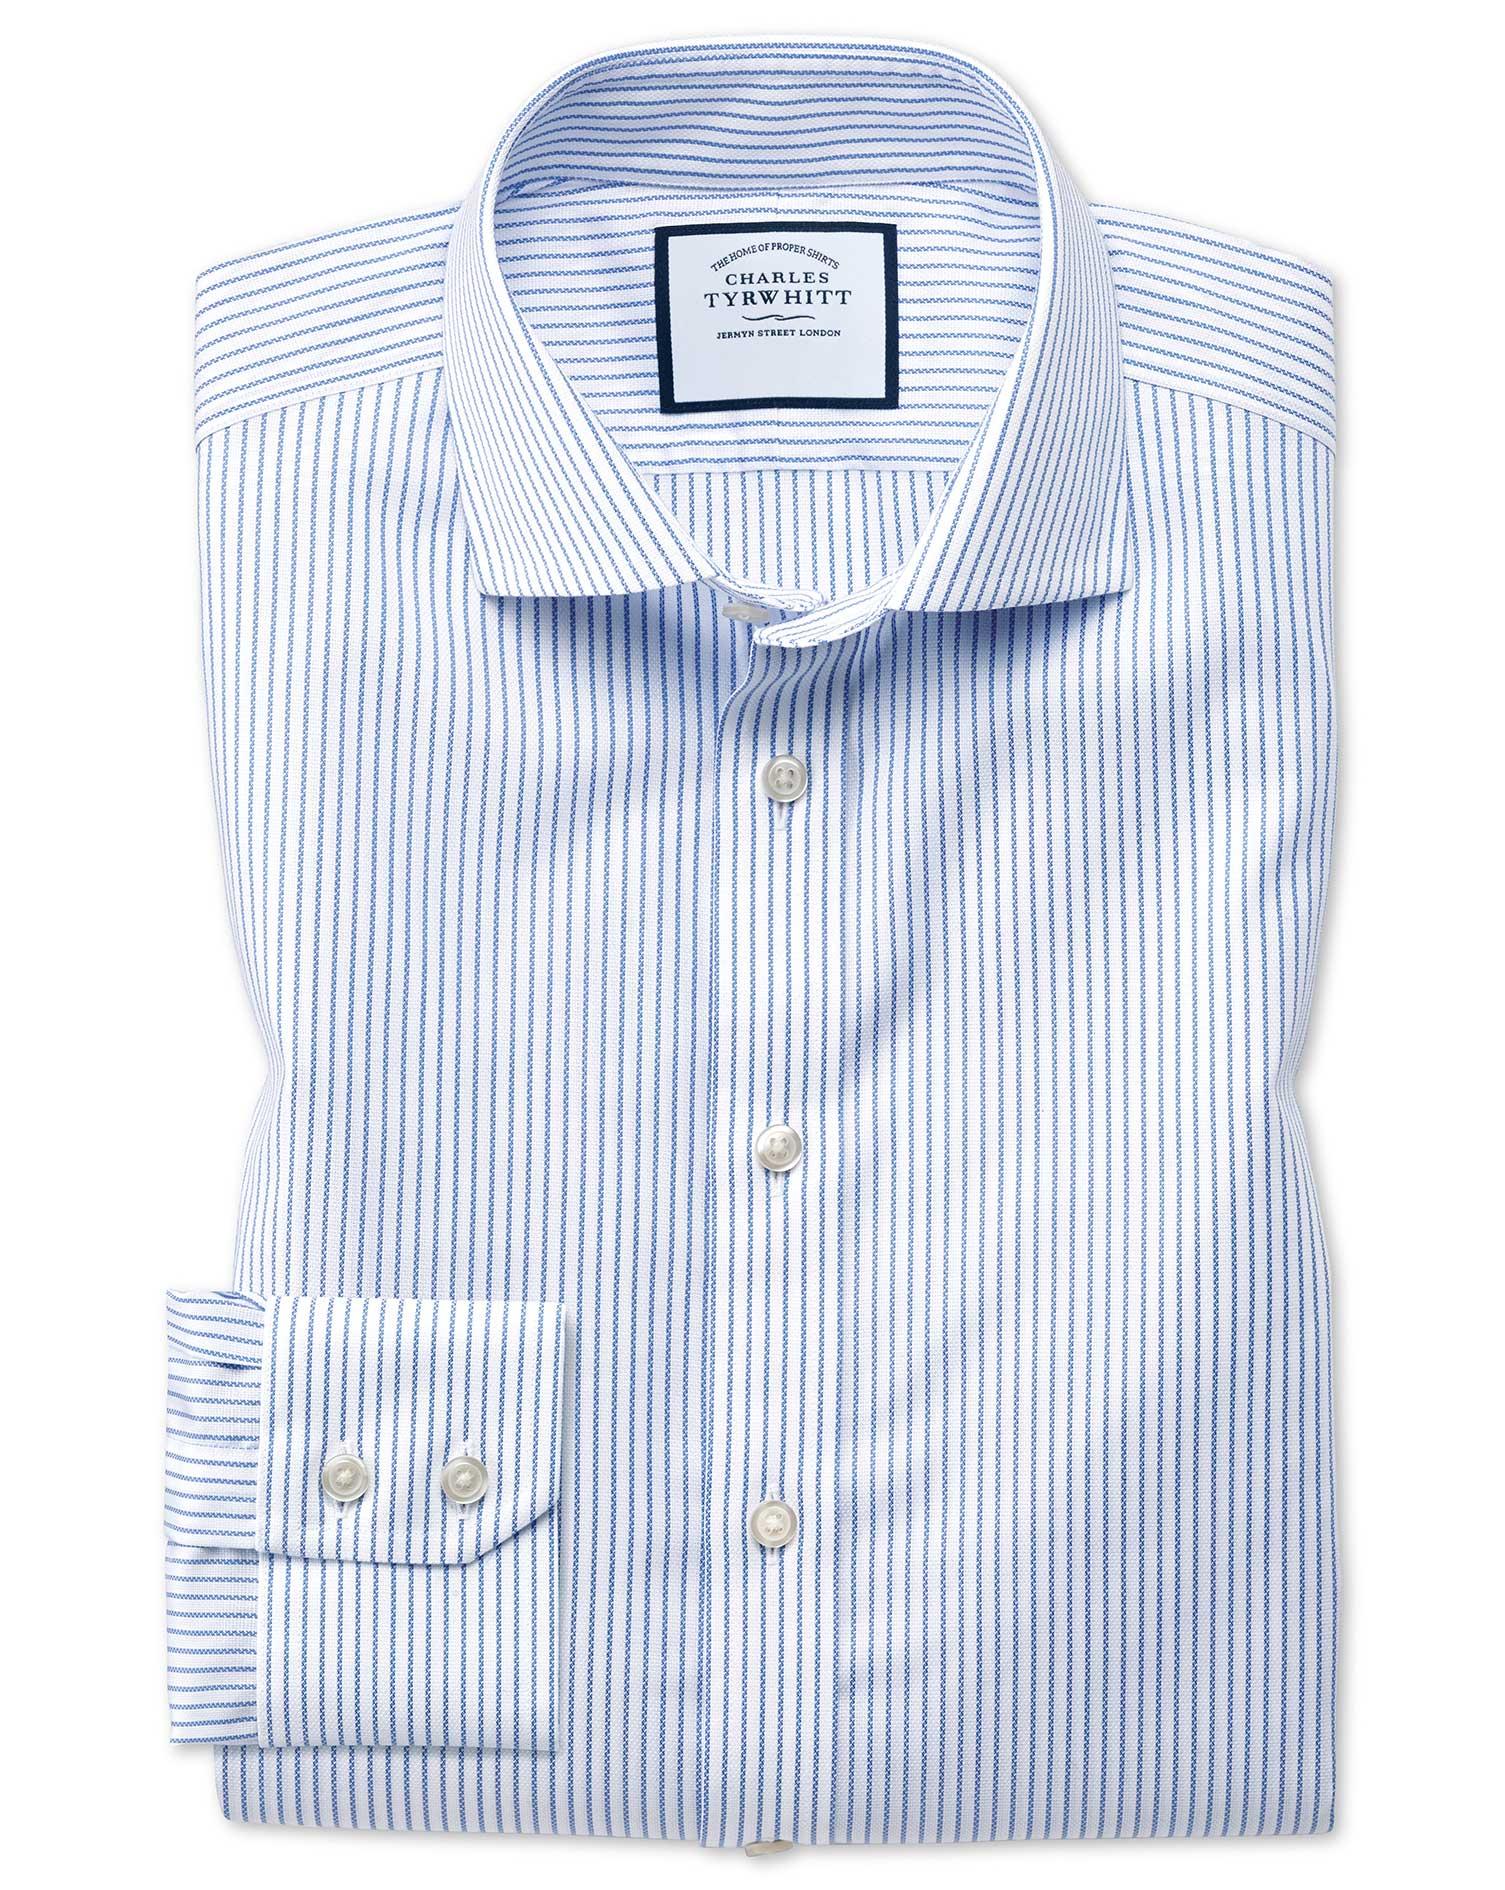 Charles tyrwhitt men 39 s dress shirts for Mens dress shirts charles tyrwhitt